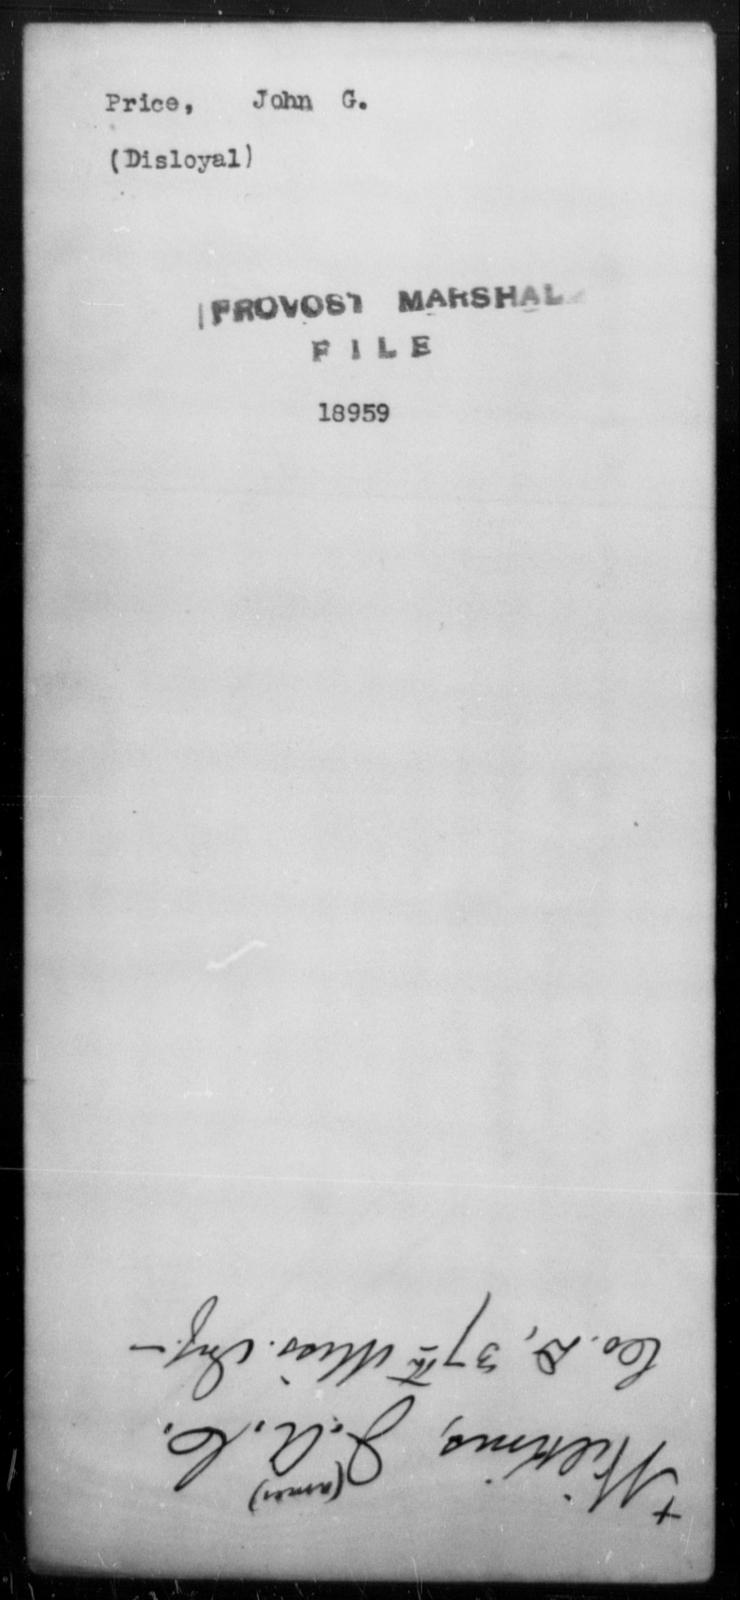 Price, John G - State: [Blank] - Year: [Blank]